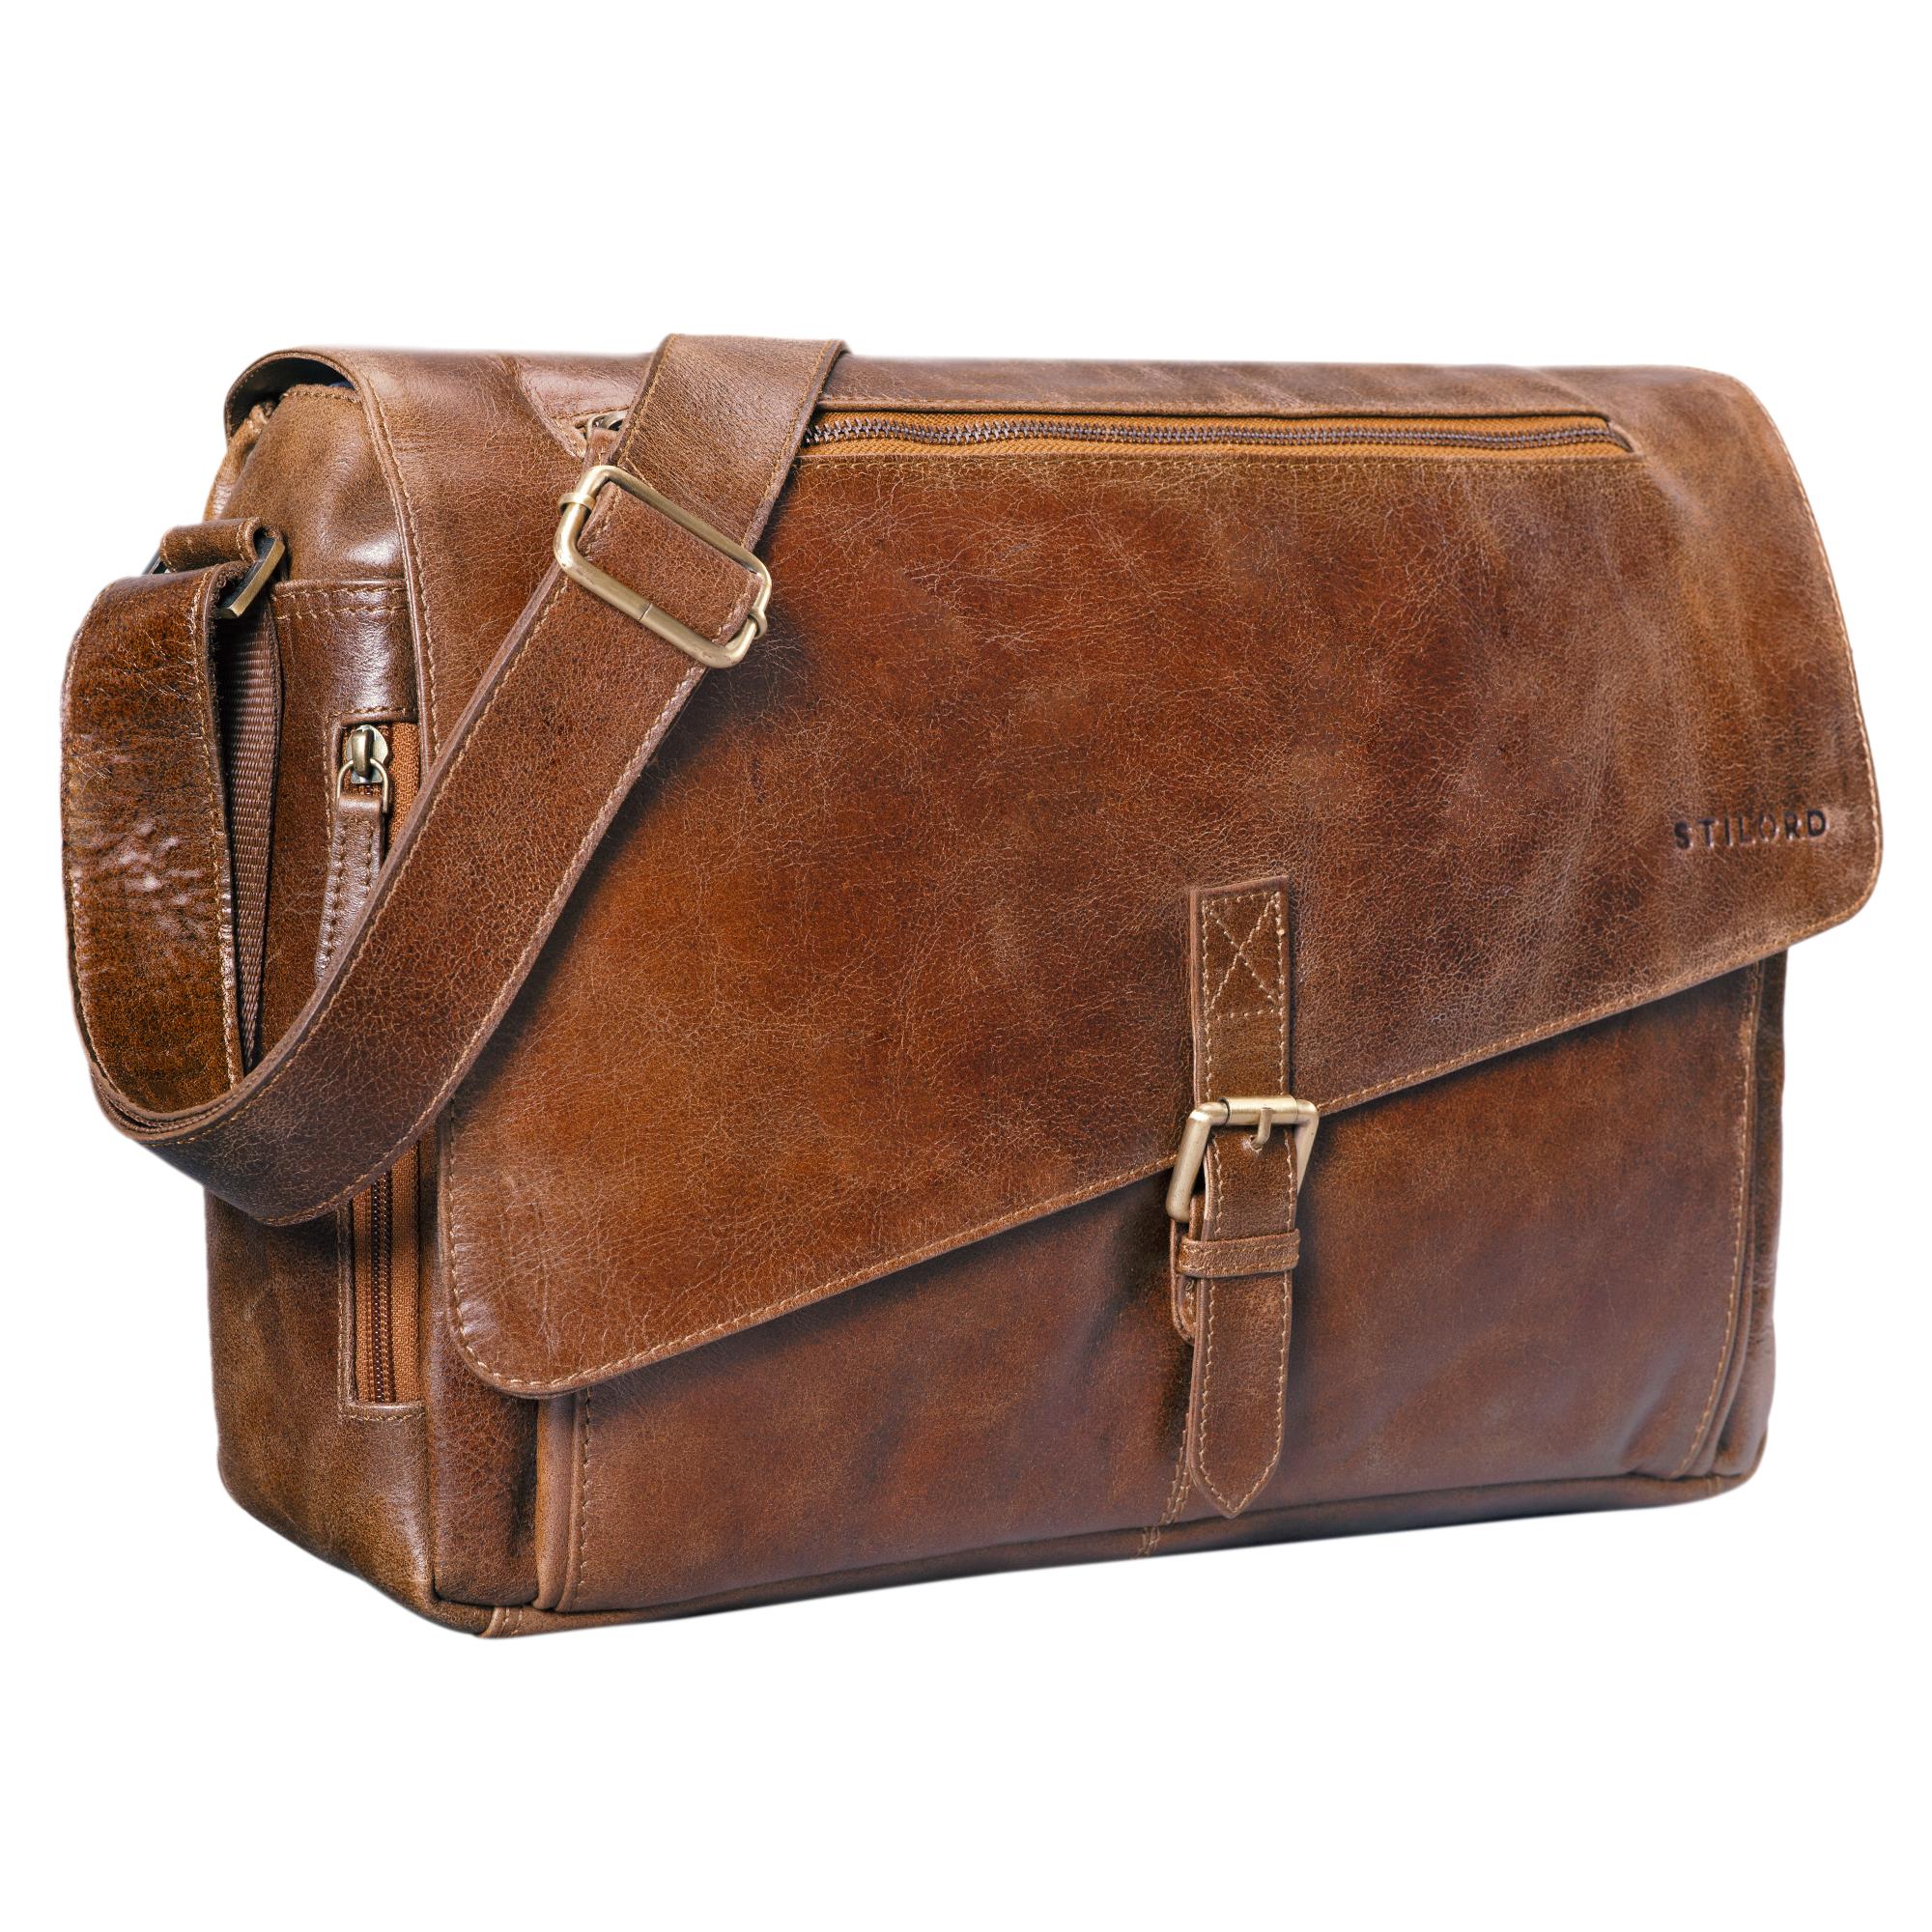 """STILORD """"Merlin"""" Vintage Leder Umhängetasche Damen Herren klassische Aktentasche für Arbeit Büro große Unitasche mit 15.6 Zoll Laptopfach echtes Leder - Bild 12"""